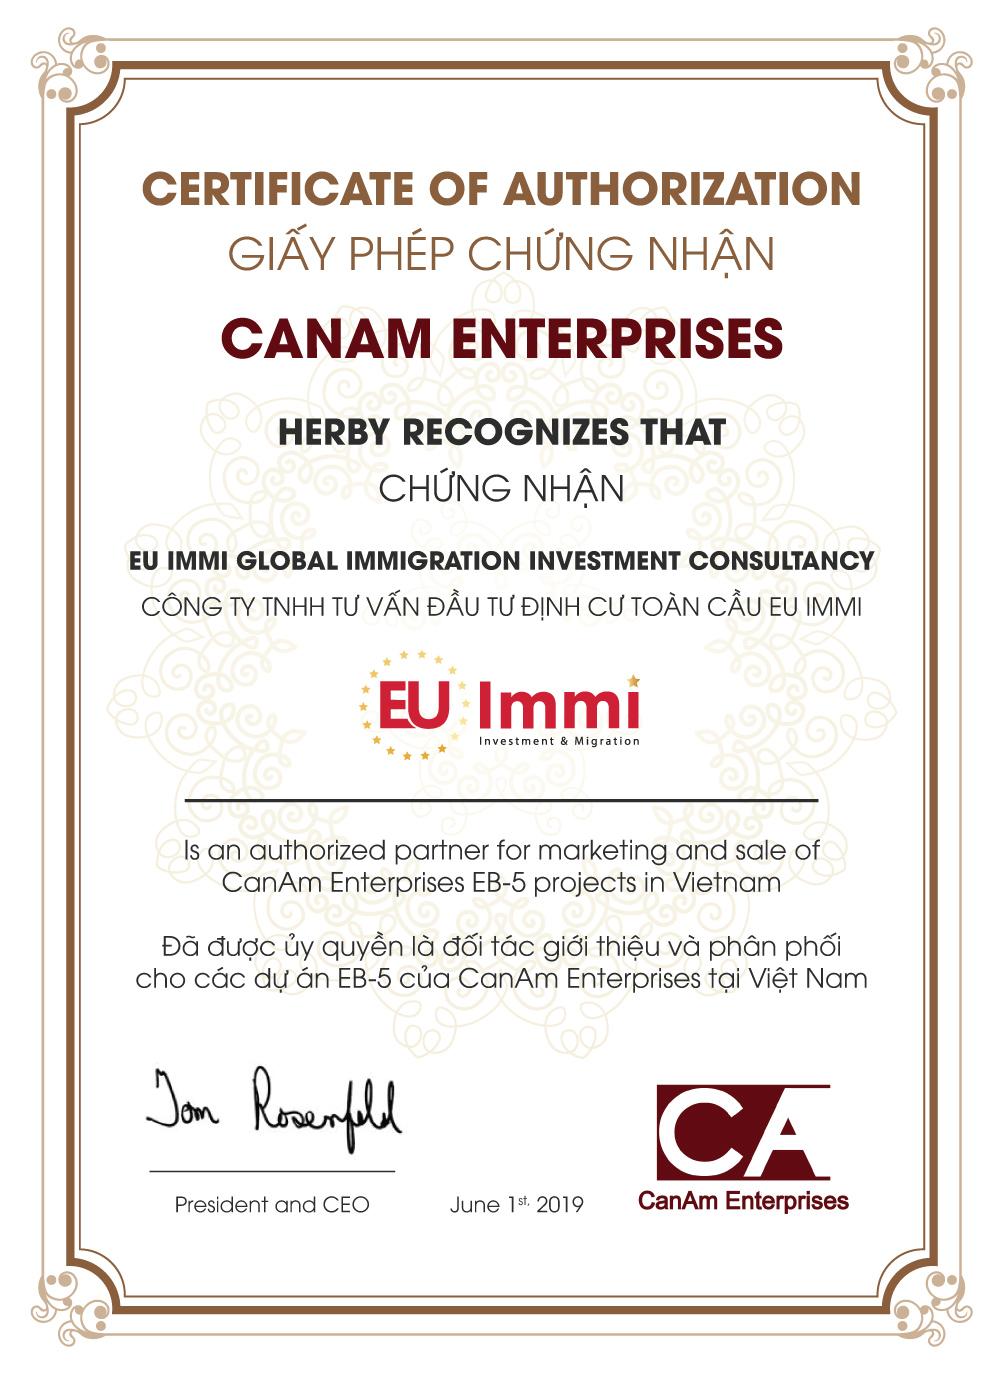 Chứng nhận EU Immi là đơn vị chính thức phân phối các dự án EB-5 của CanAm